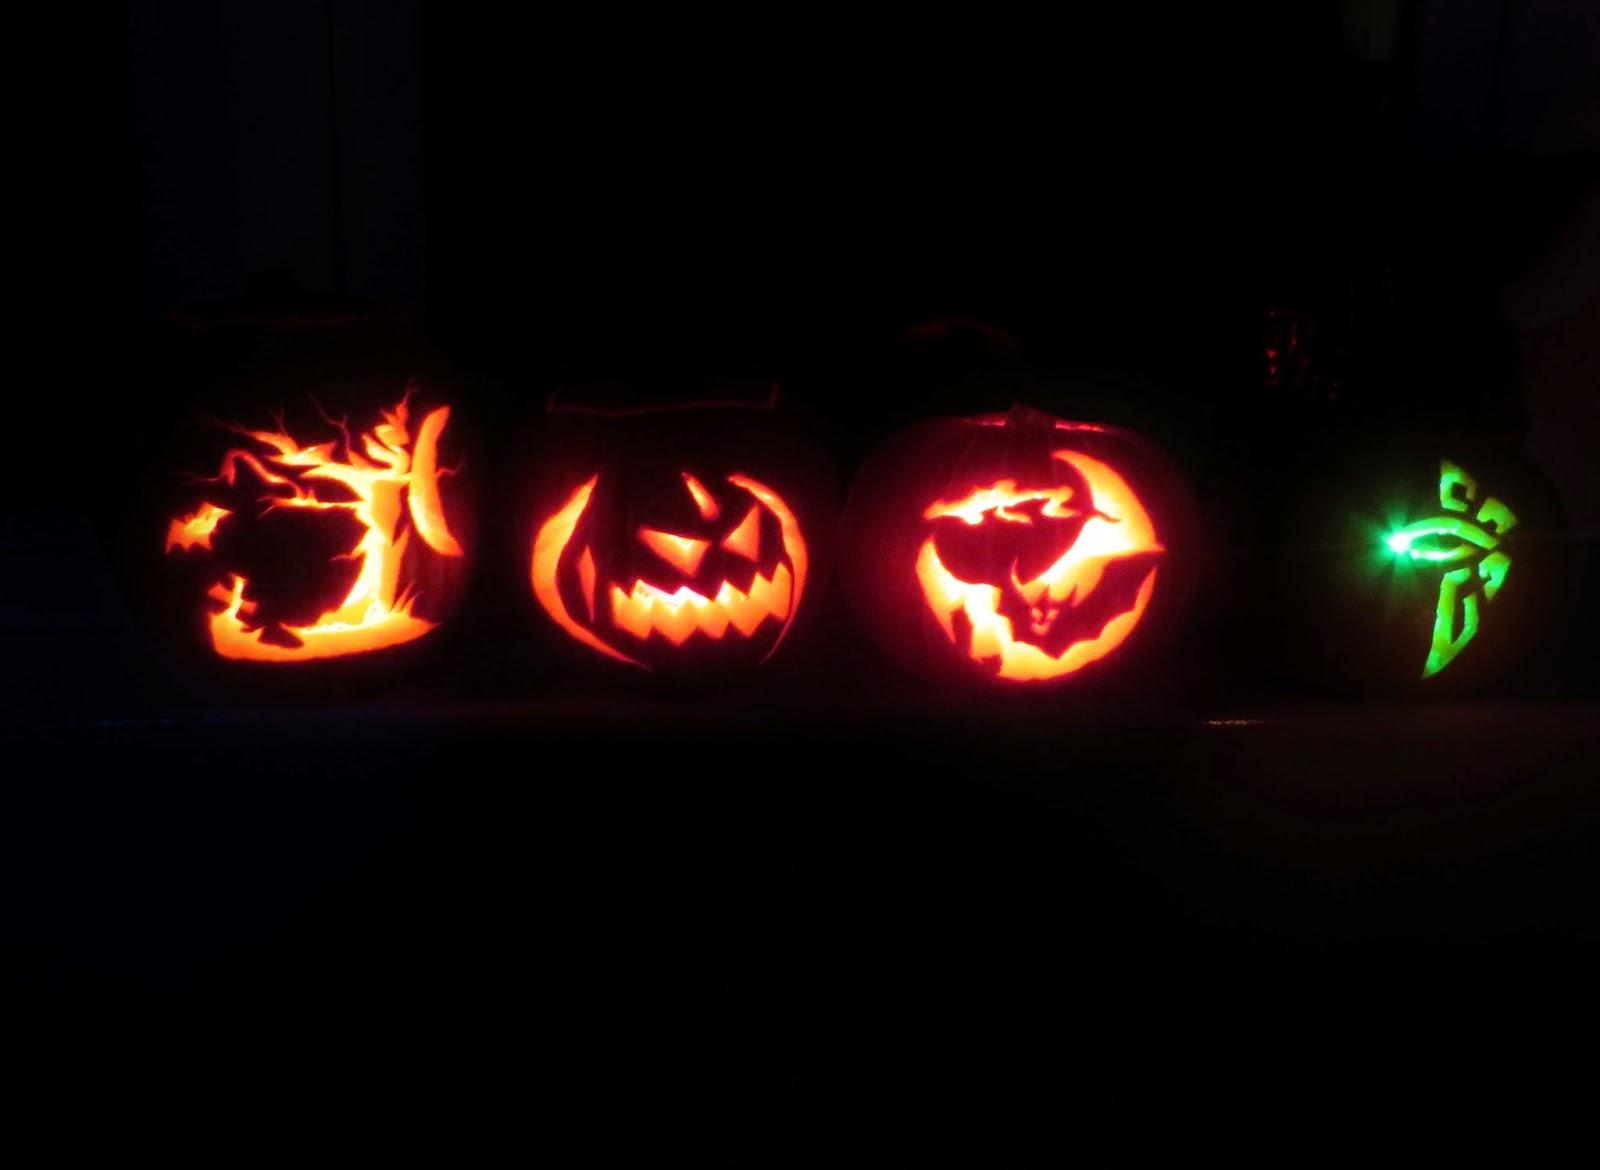 Pumpkin, pumpkin carving, pumpkin carving ideas, halloween, jack o lantern, spooky, scary, pumpkin lights, green, ingress pumpkin